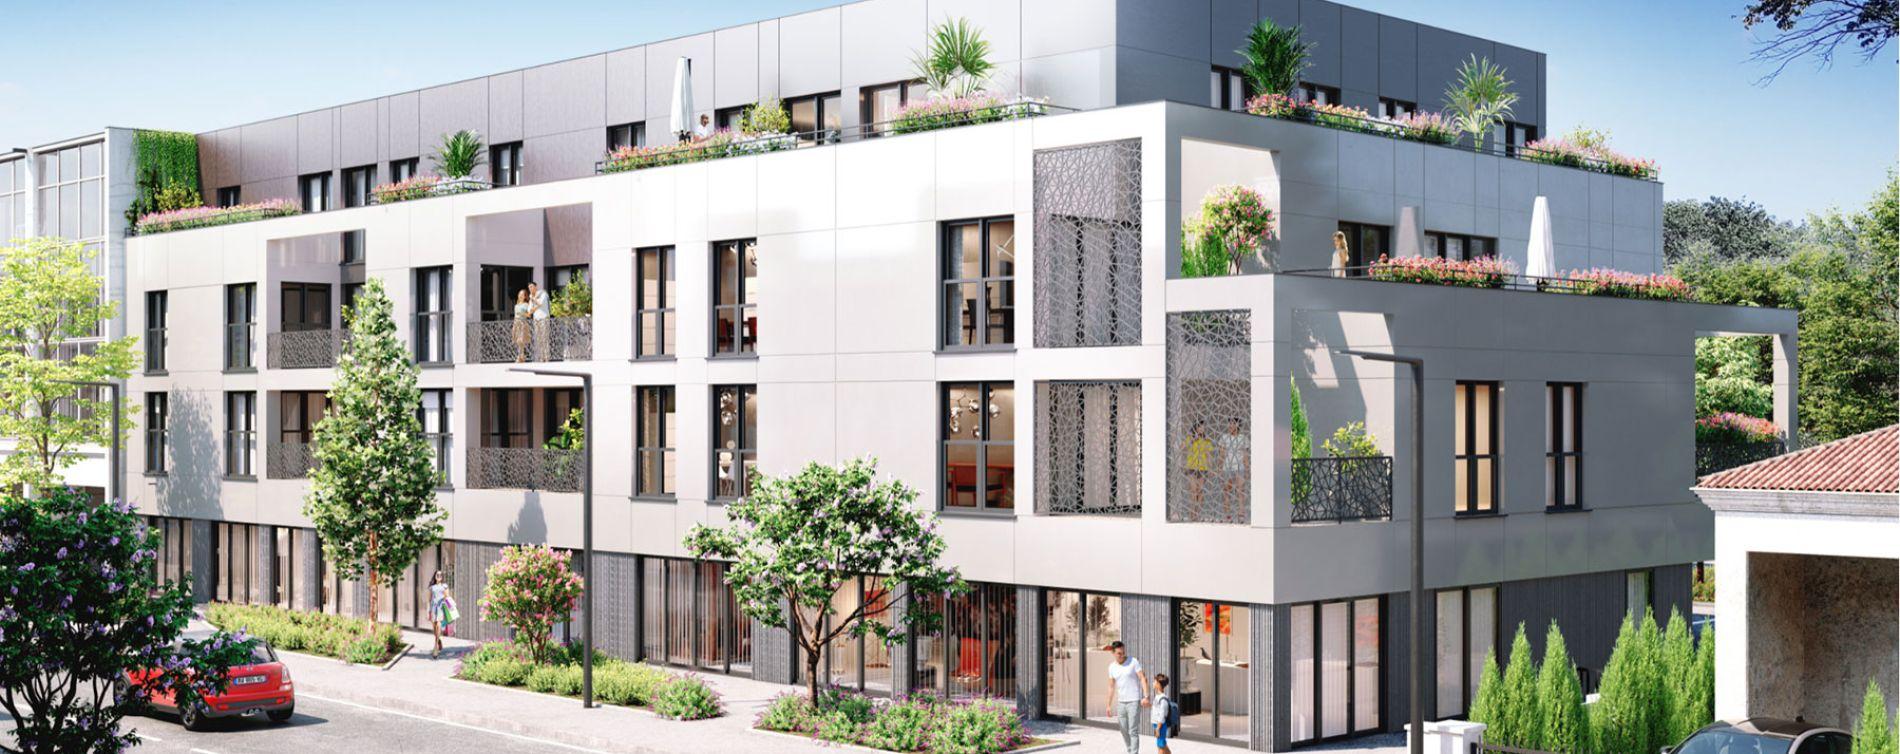 Mérignac : programme immobilier neuve « L'Empreinte »